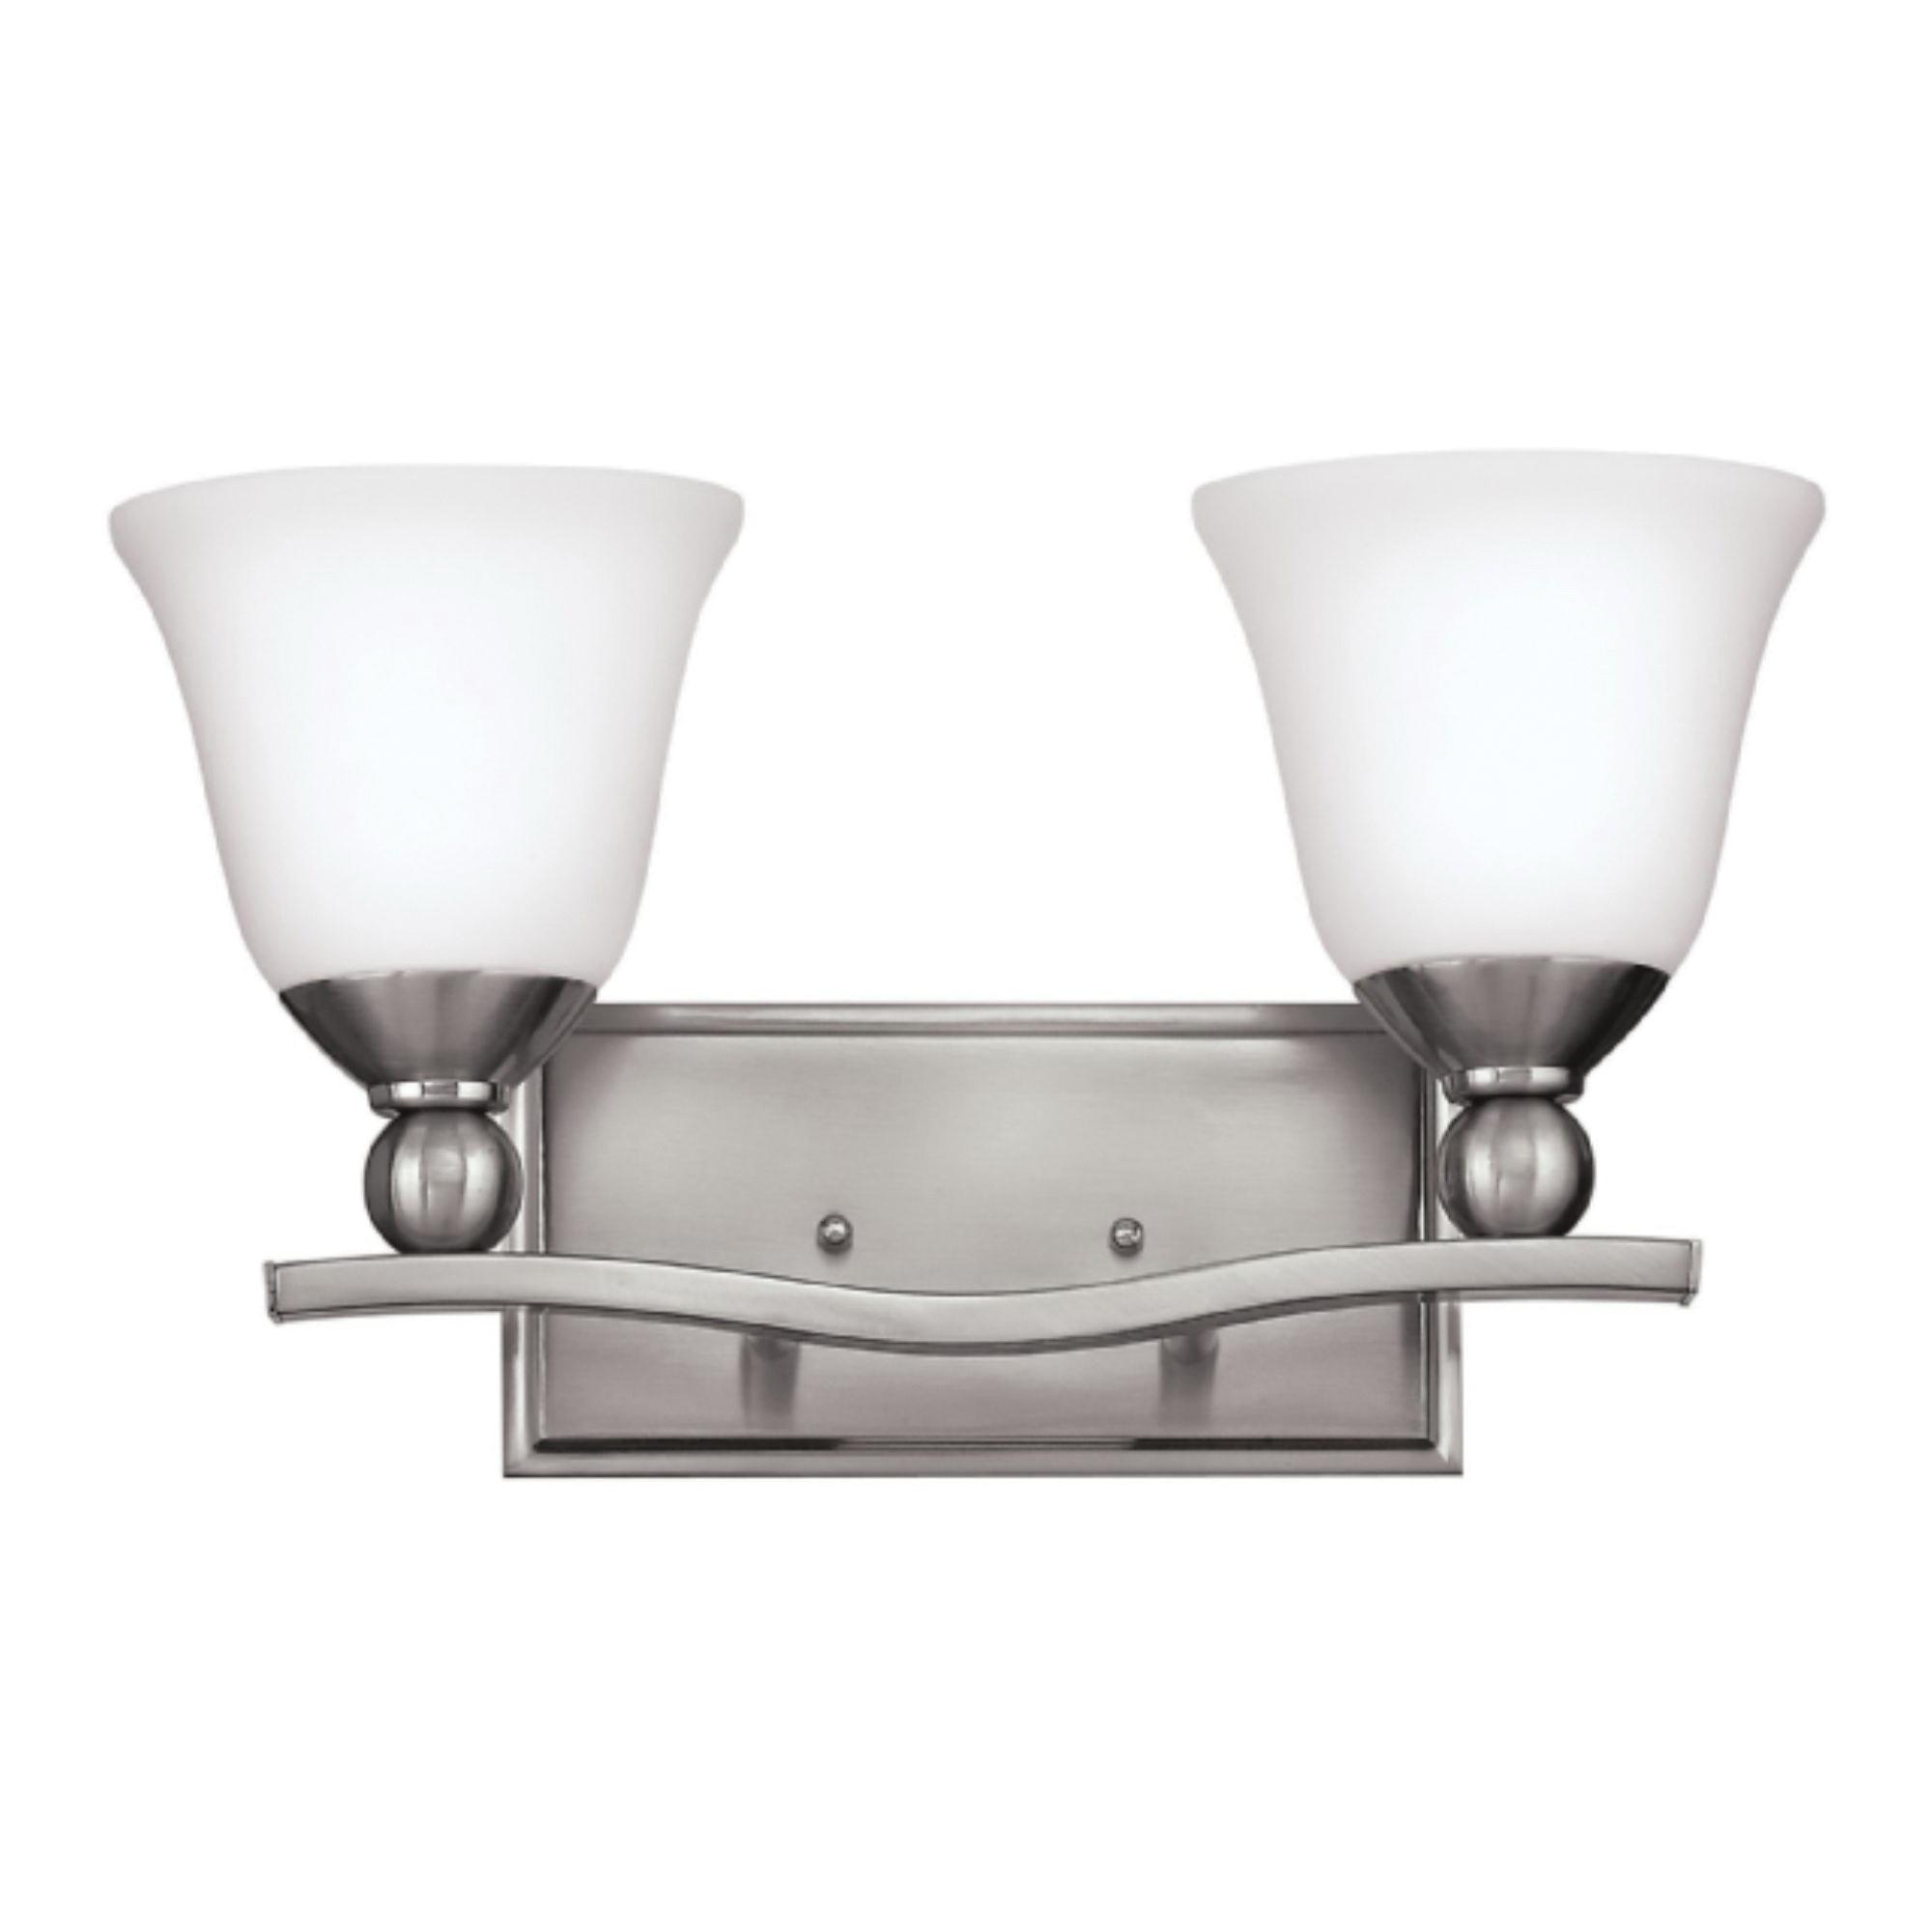 Hinkley Lighting 5892bn 2 Light Bath